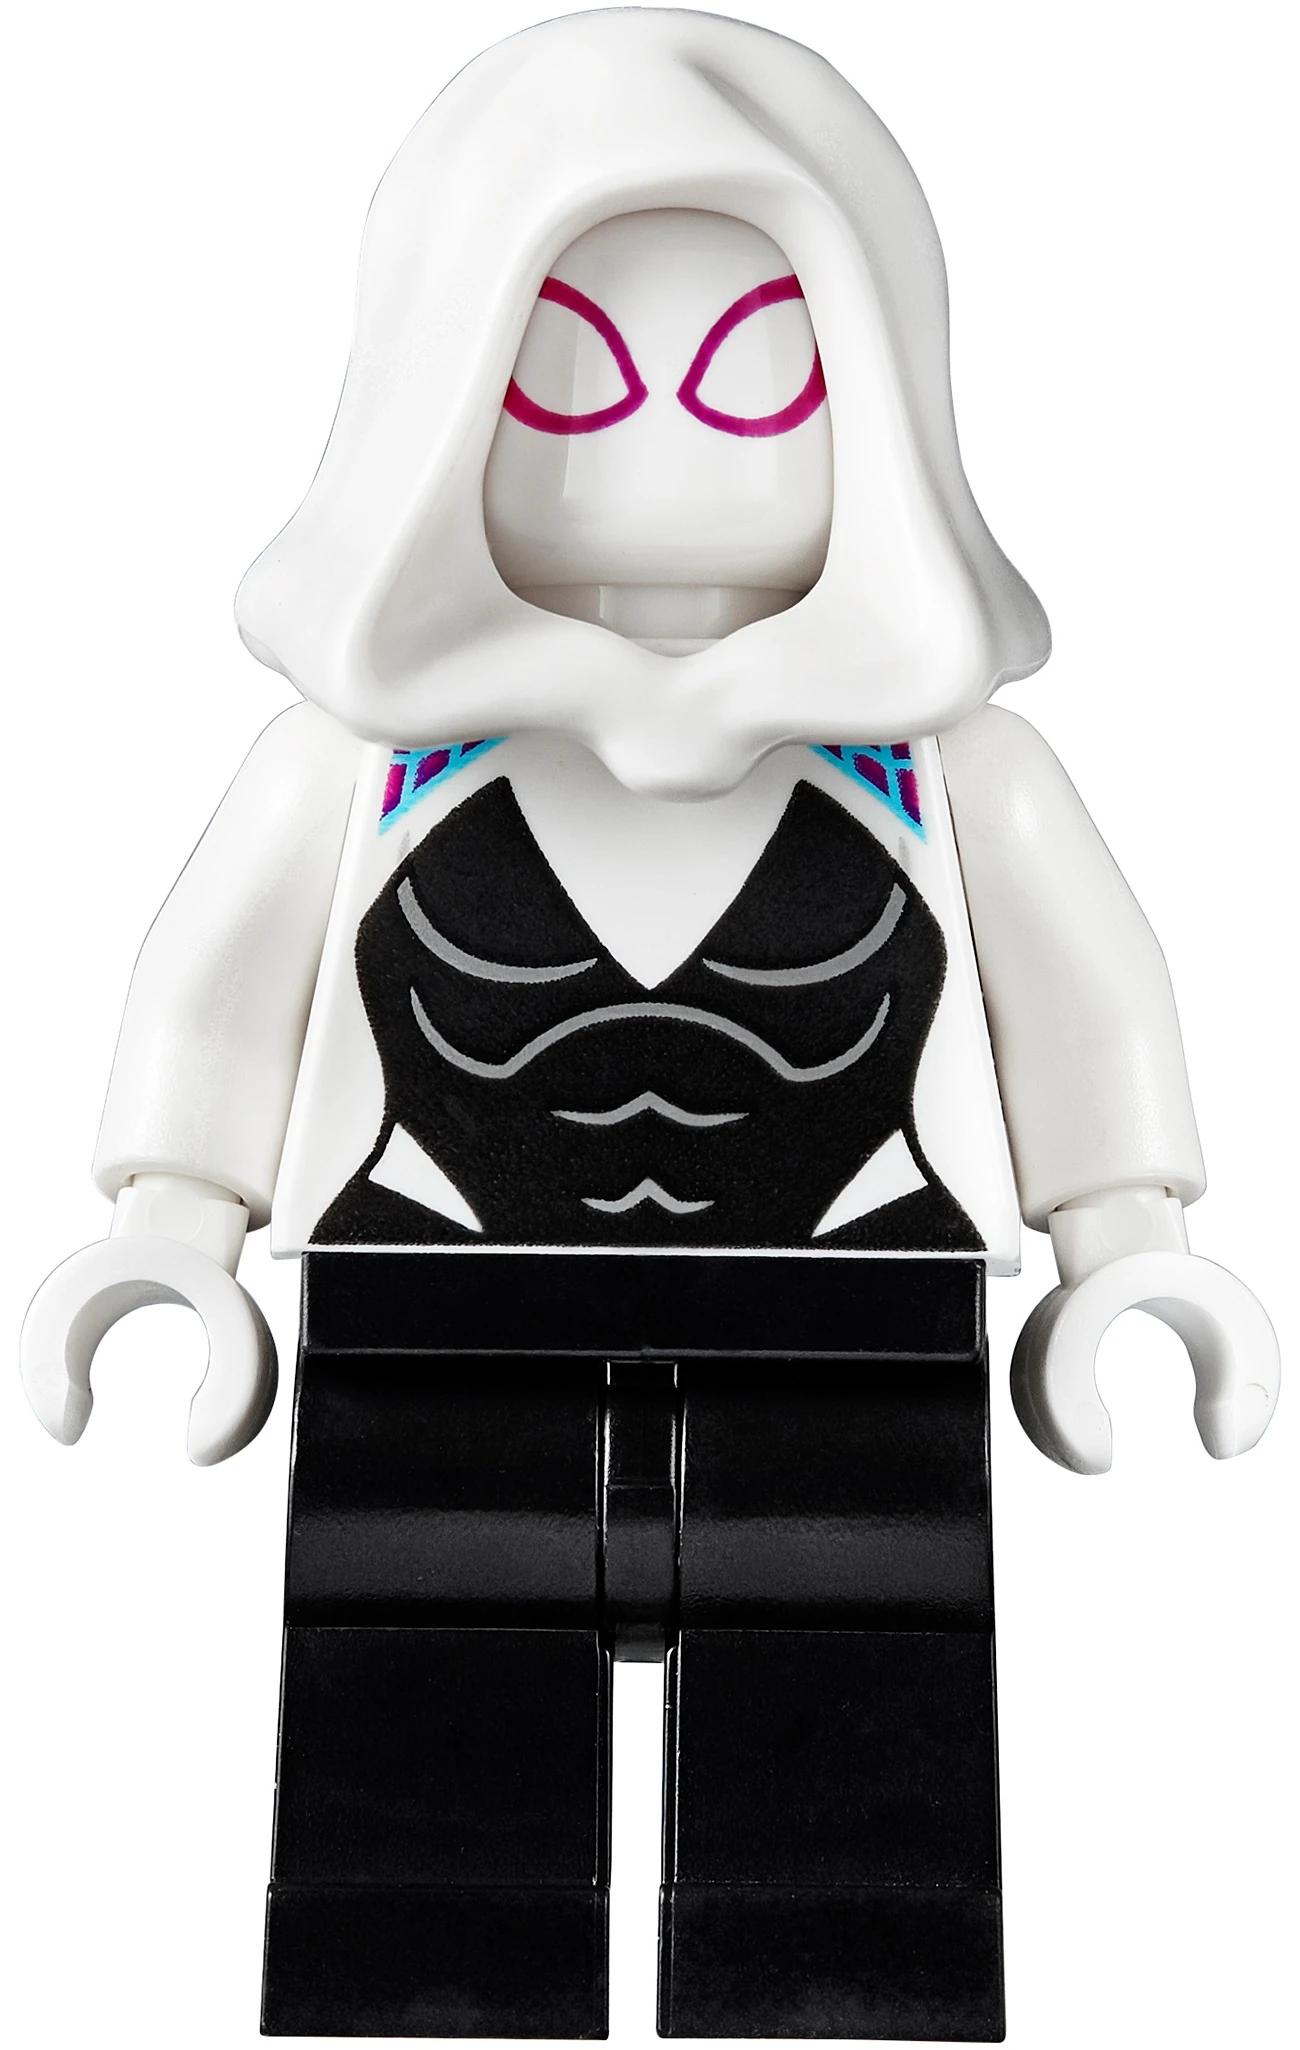 LEGO Spider-Gwen